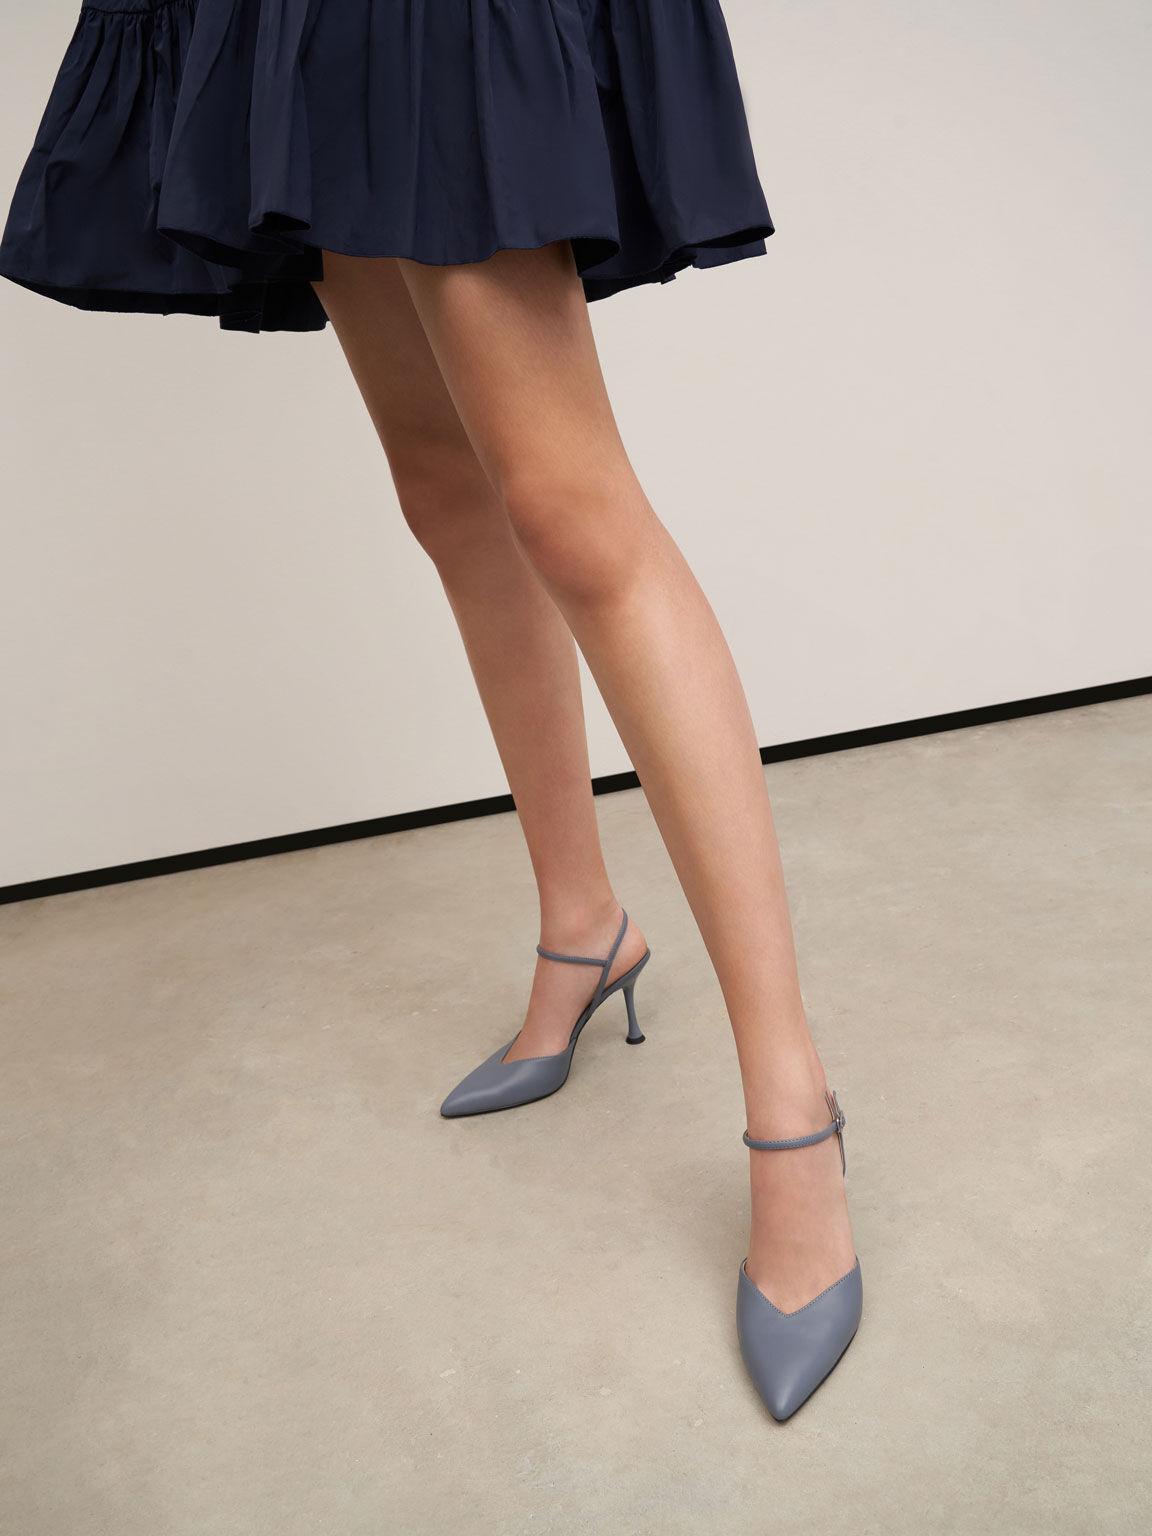 Sculptural Heel Ankle Strap Pumps, Light Blue, hi-res